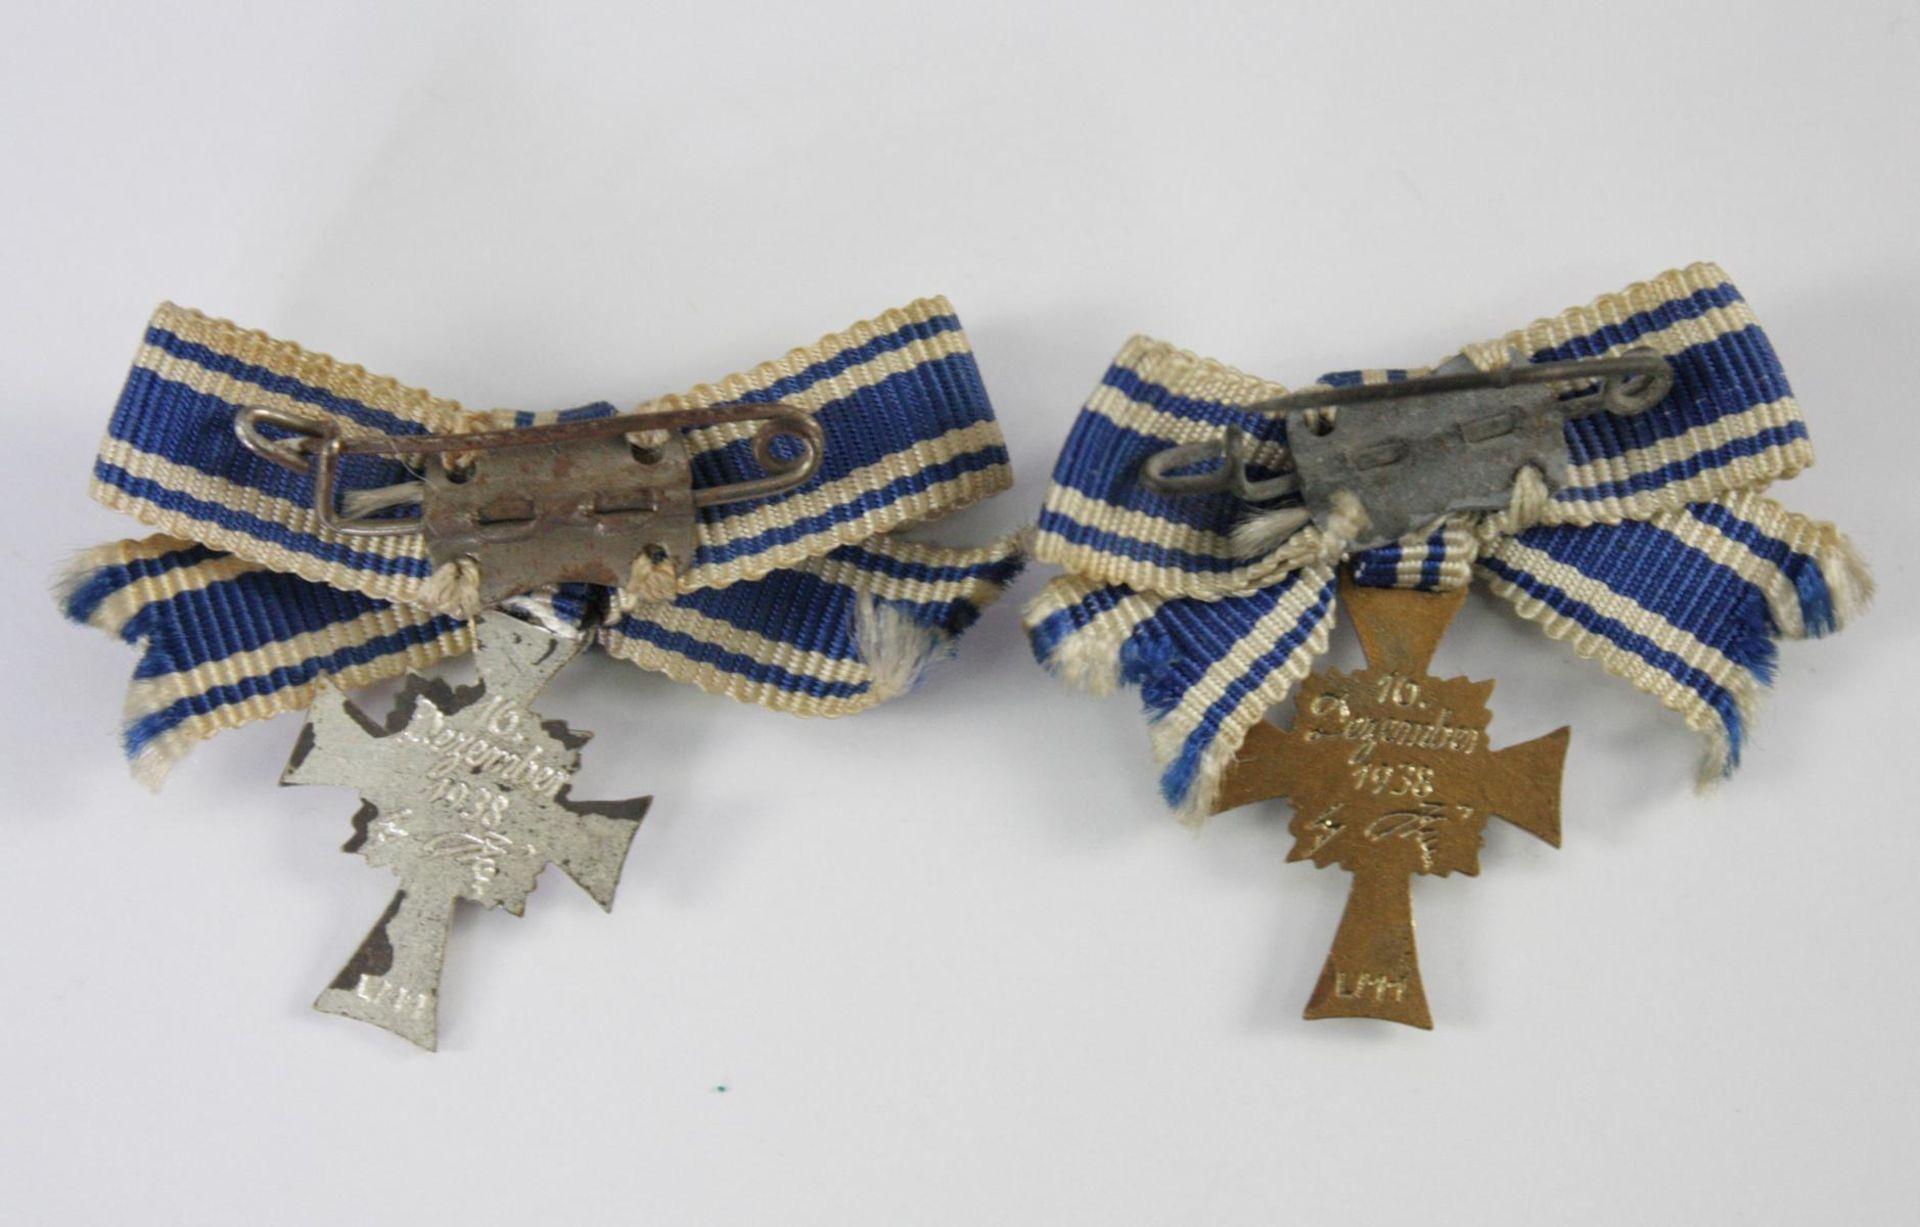 2 Miniaturen Mutterkreuz, Silber und Bronze - Bild 2 aus 2